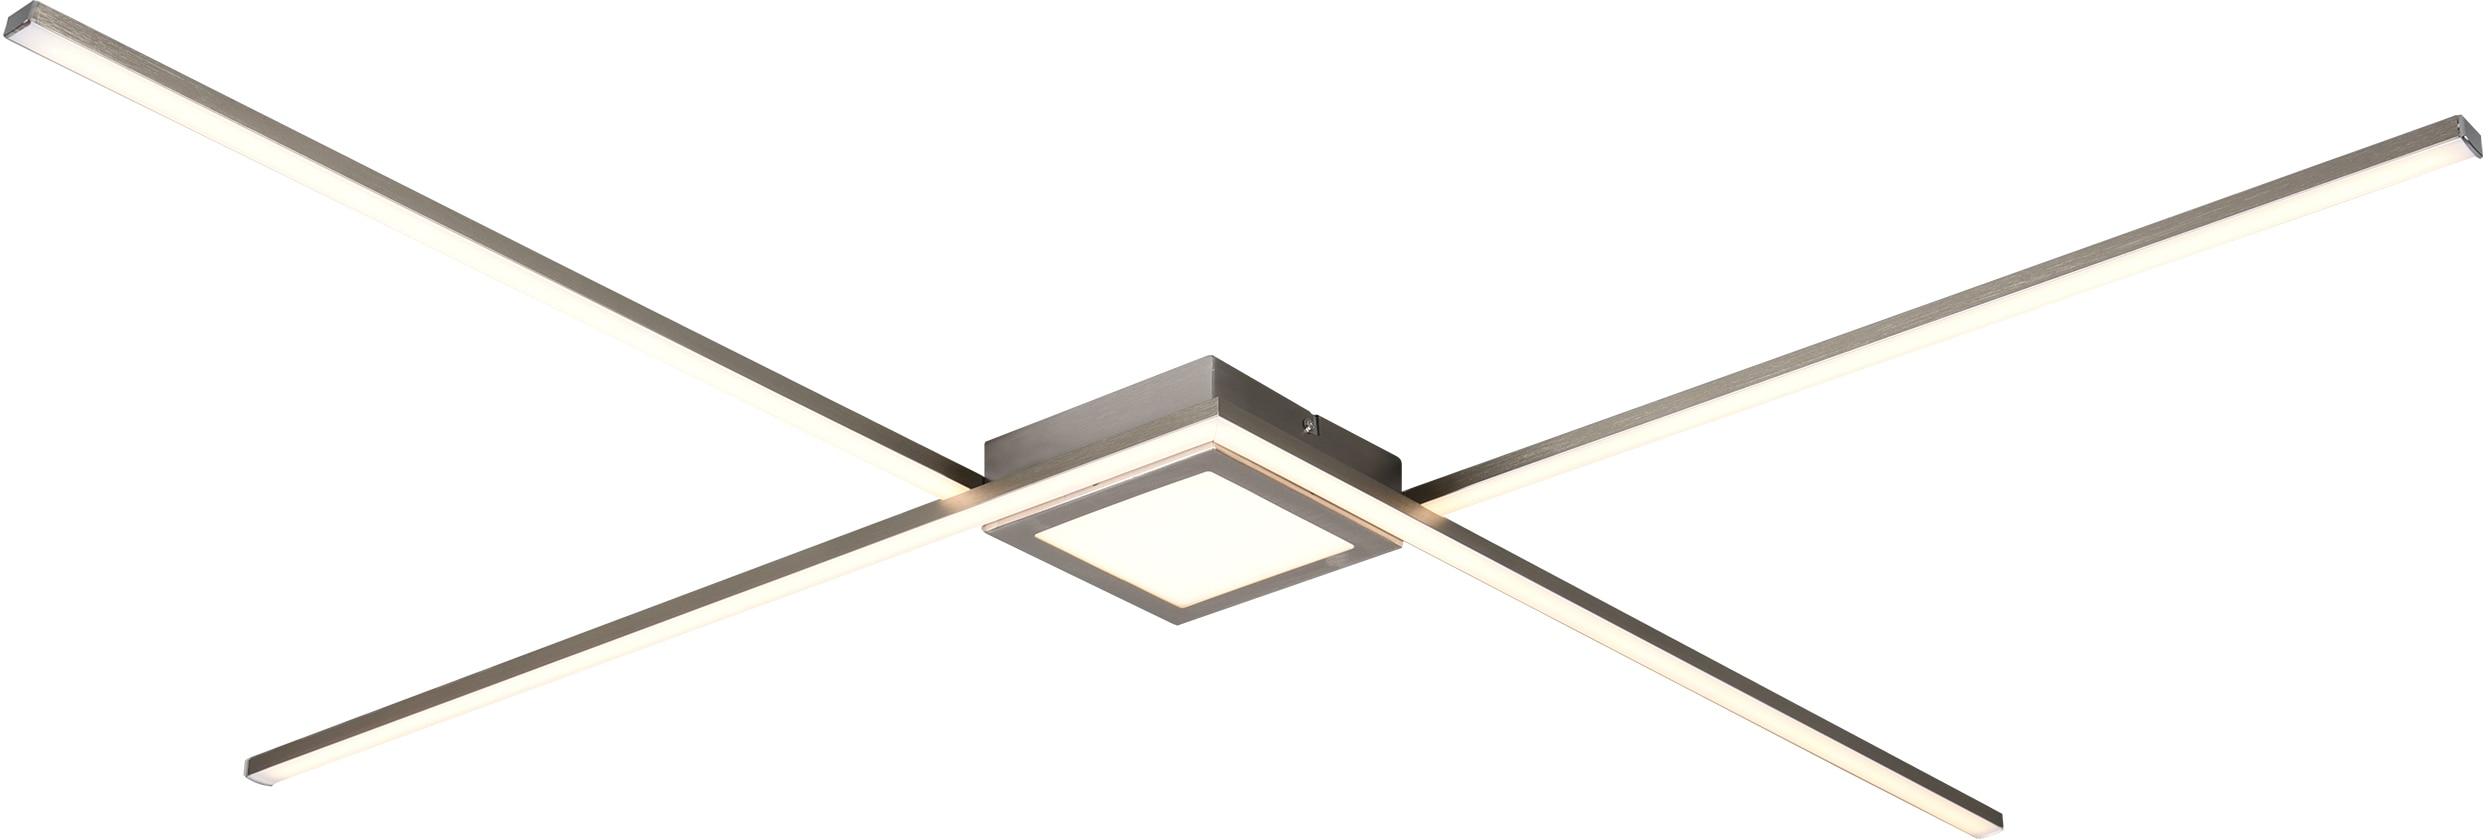 TRIO Leuchten LED Deckenleuchte Oxford, LED-Modul, Warmweiß